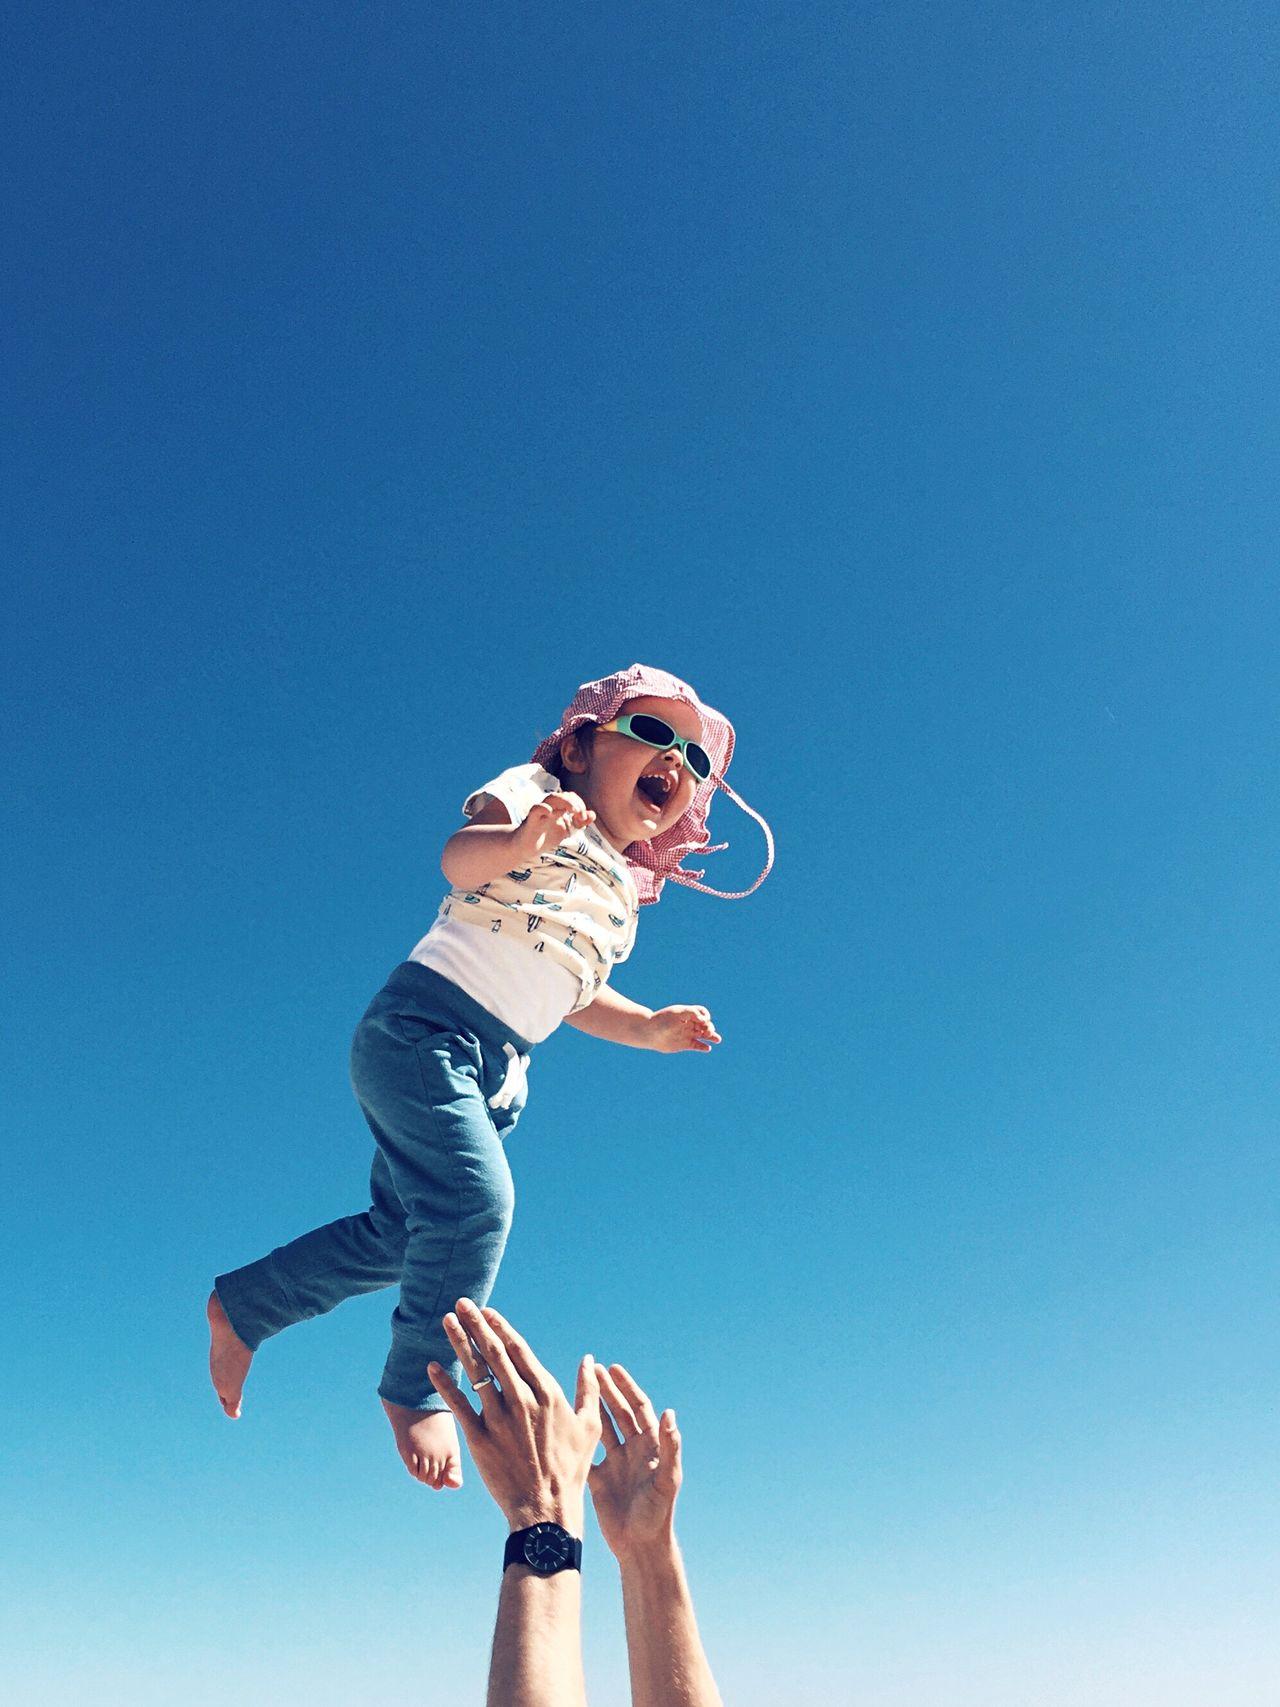 Little Girl Ostsee Sellin Beach Life Beach Photography Beach Fun Family❤ Eyeemawards16 The Portraitist - 2016 EyeEm Awards The Great Outdoors - 2016 EyeEm Awards